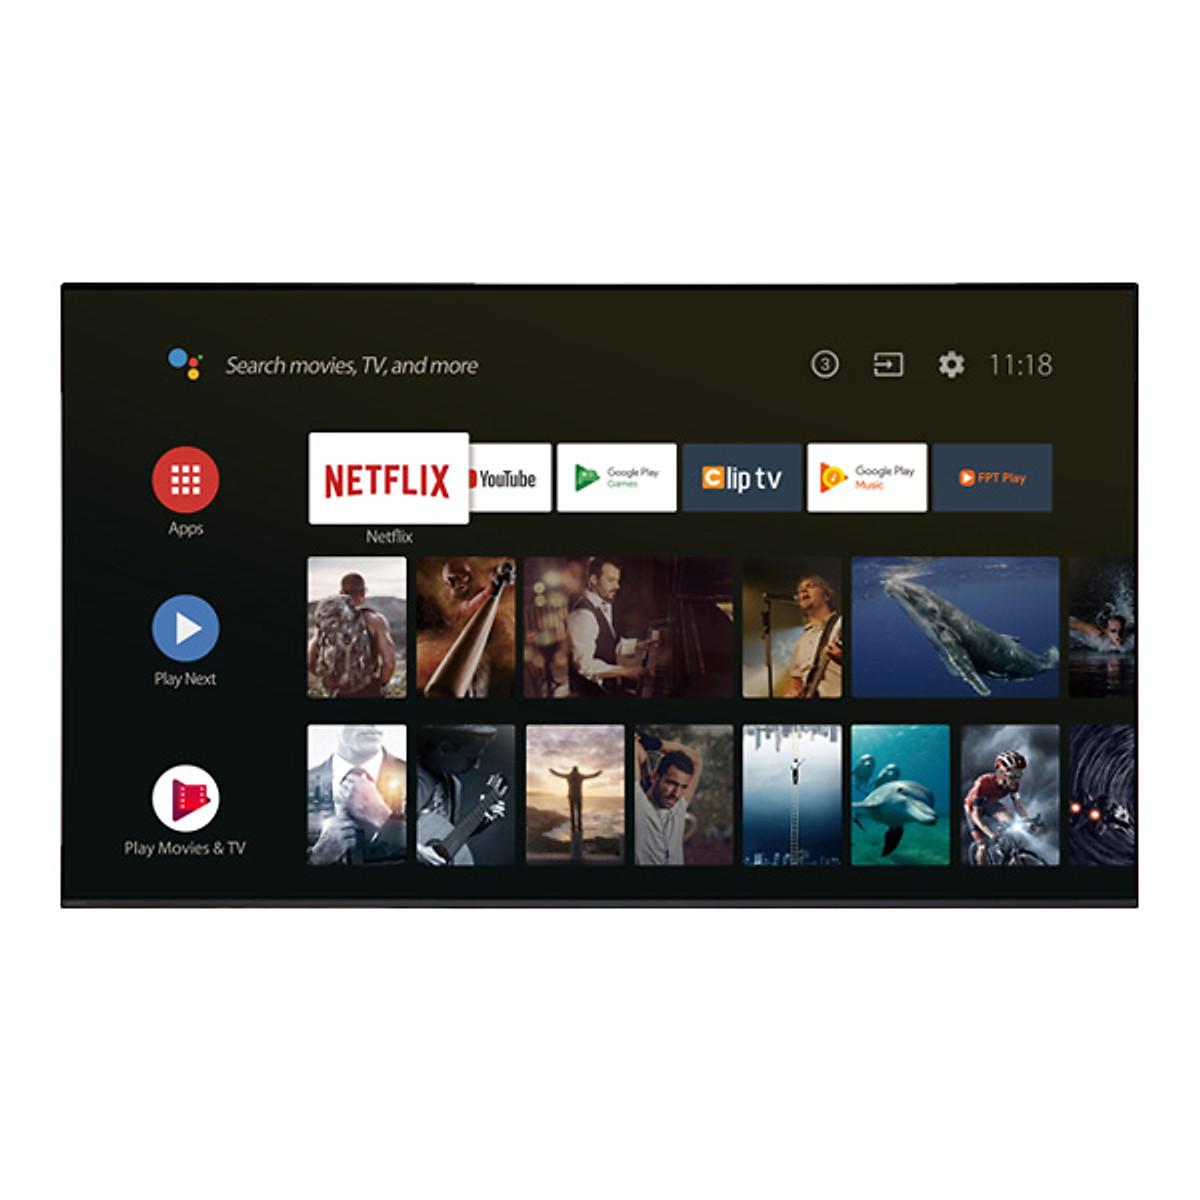 Tivi Sony Giá HOT - Các Model để bạn tham khảo - 22